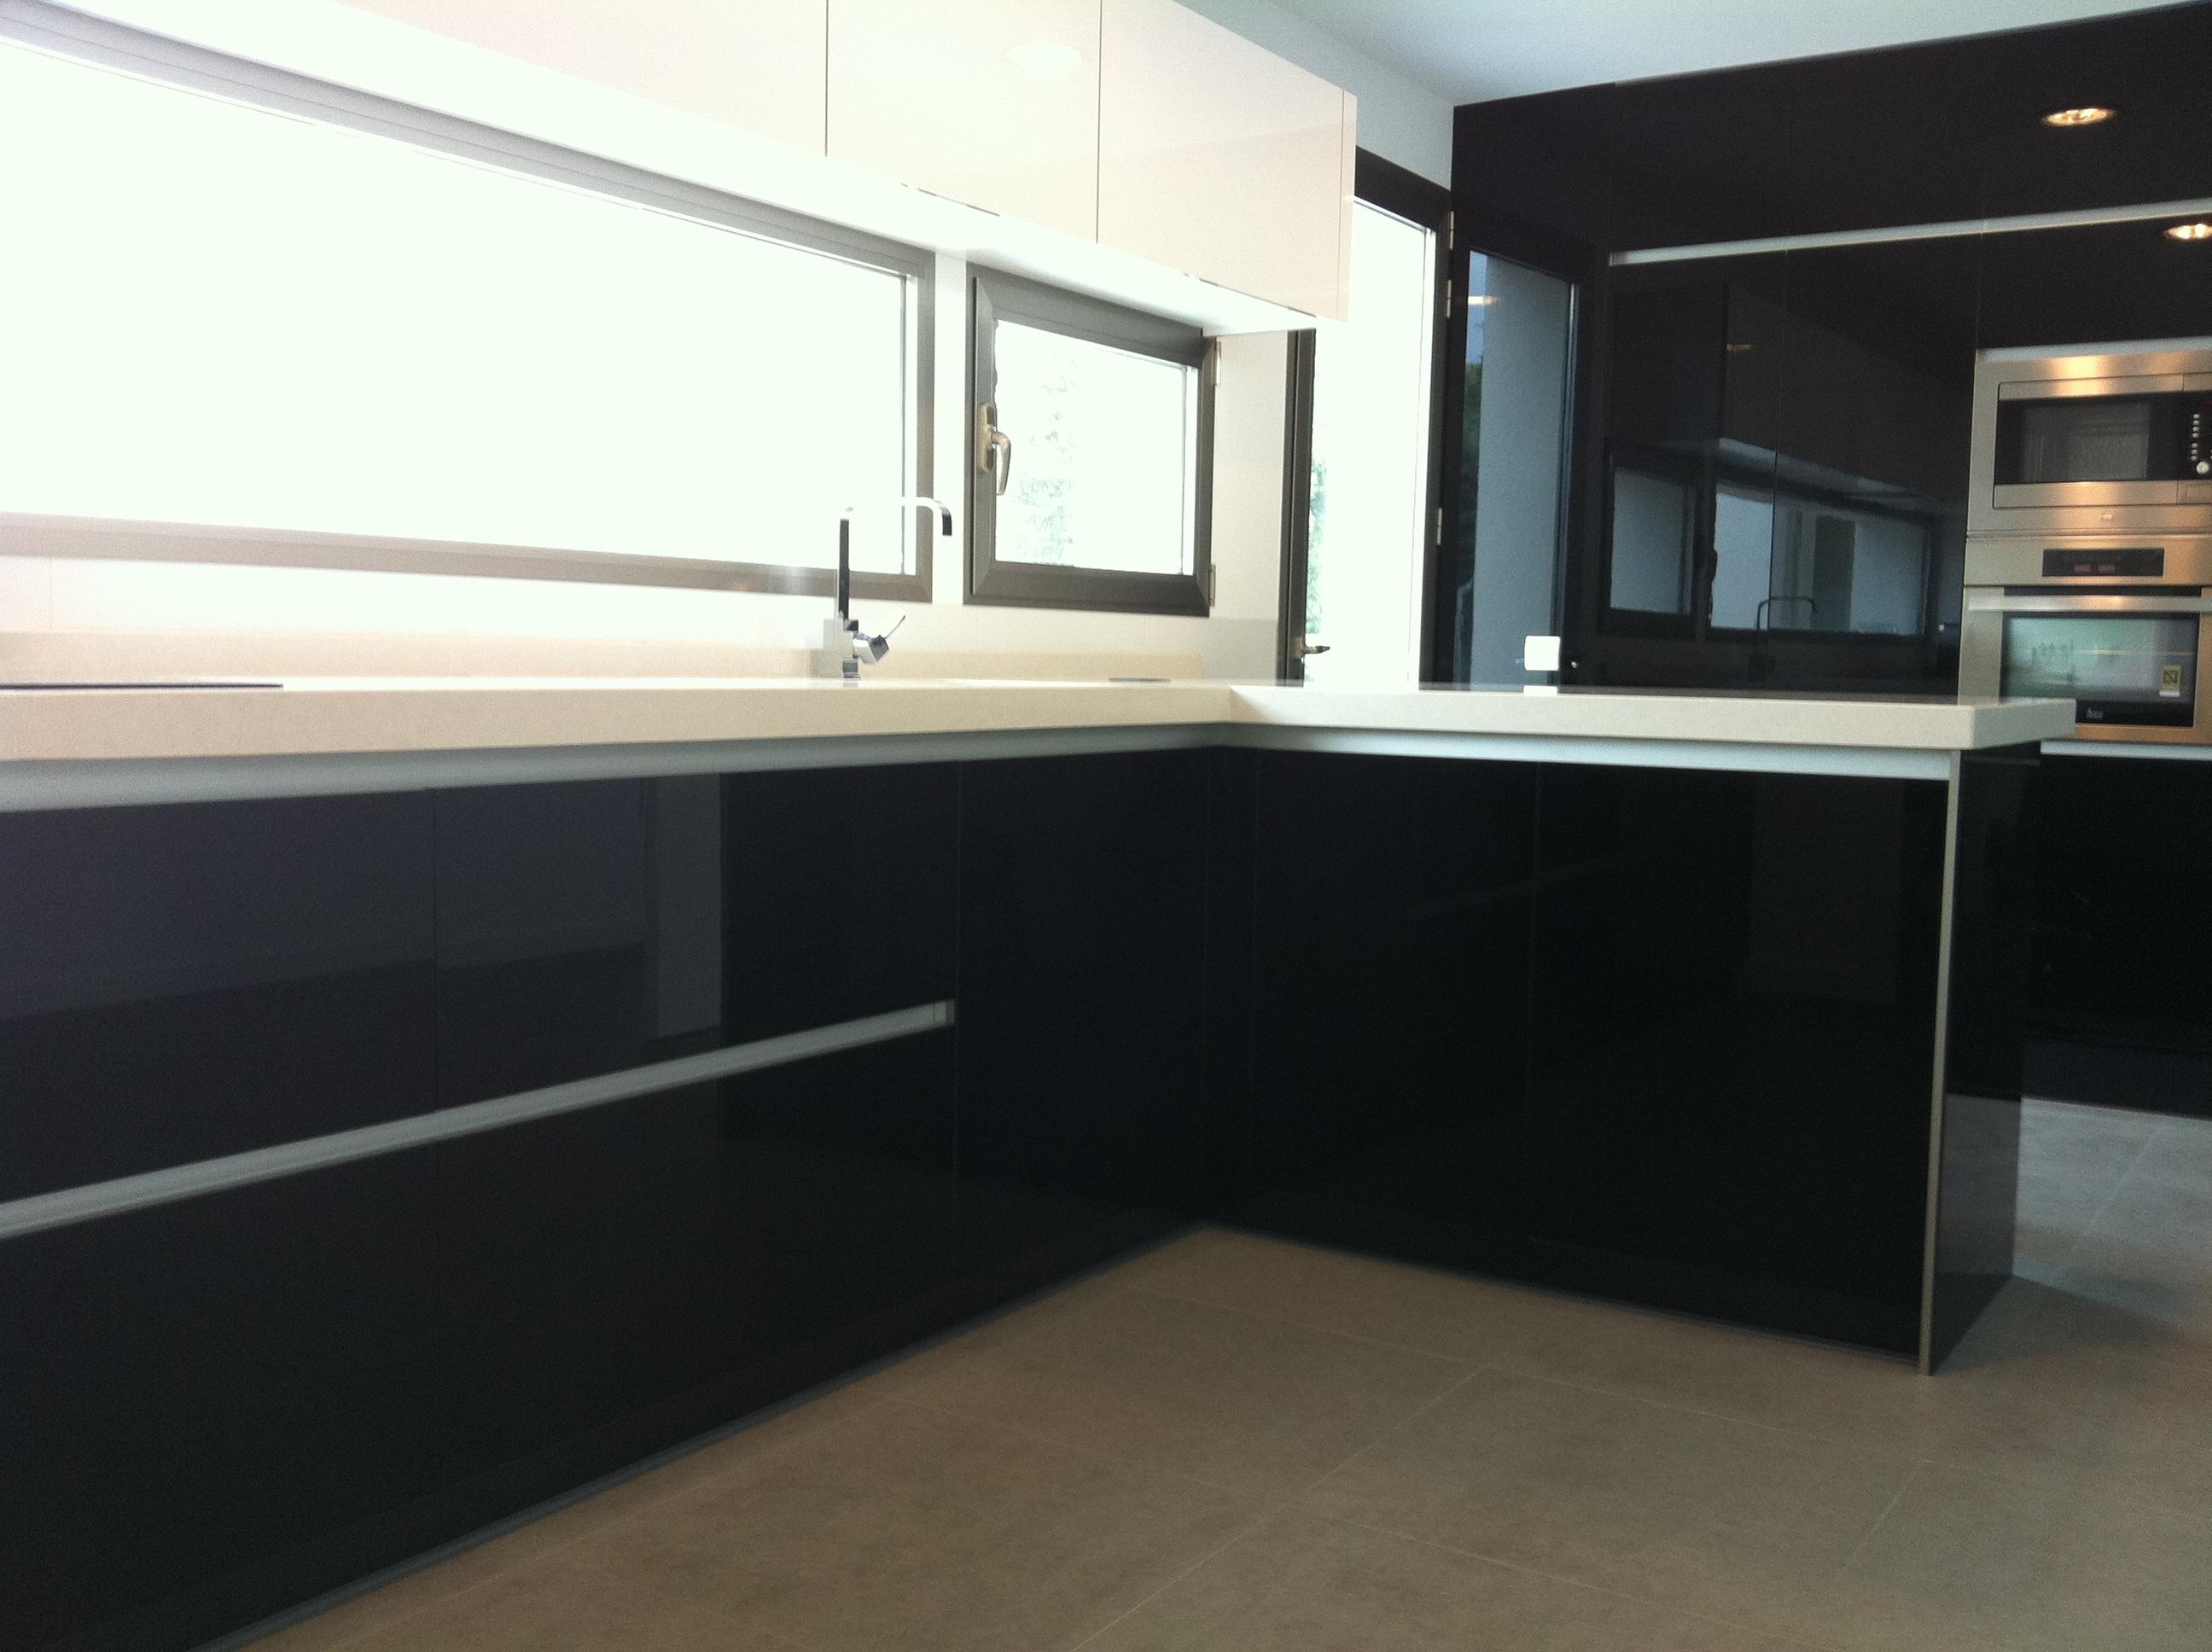 Muebles valdecocina cocinas de formica for Puertas de cocina formica